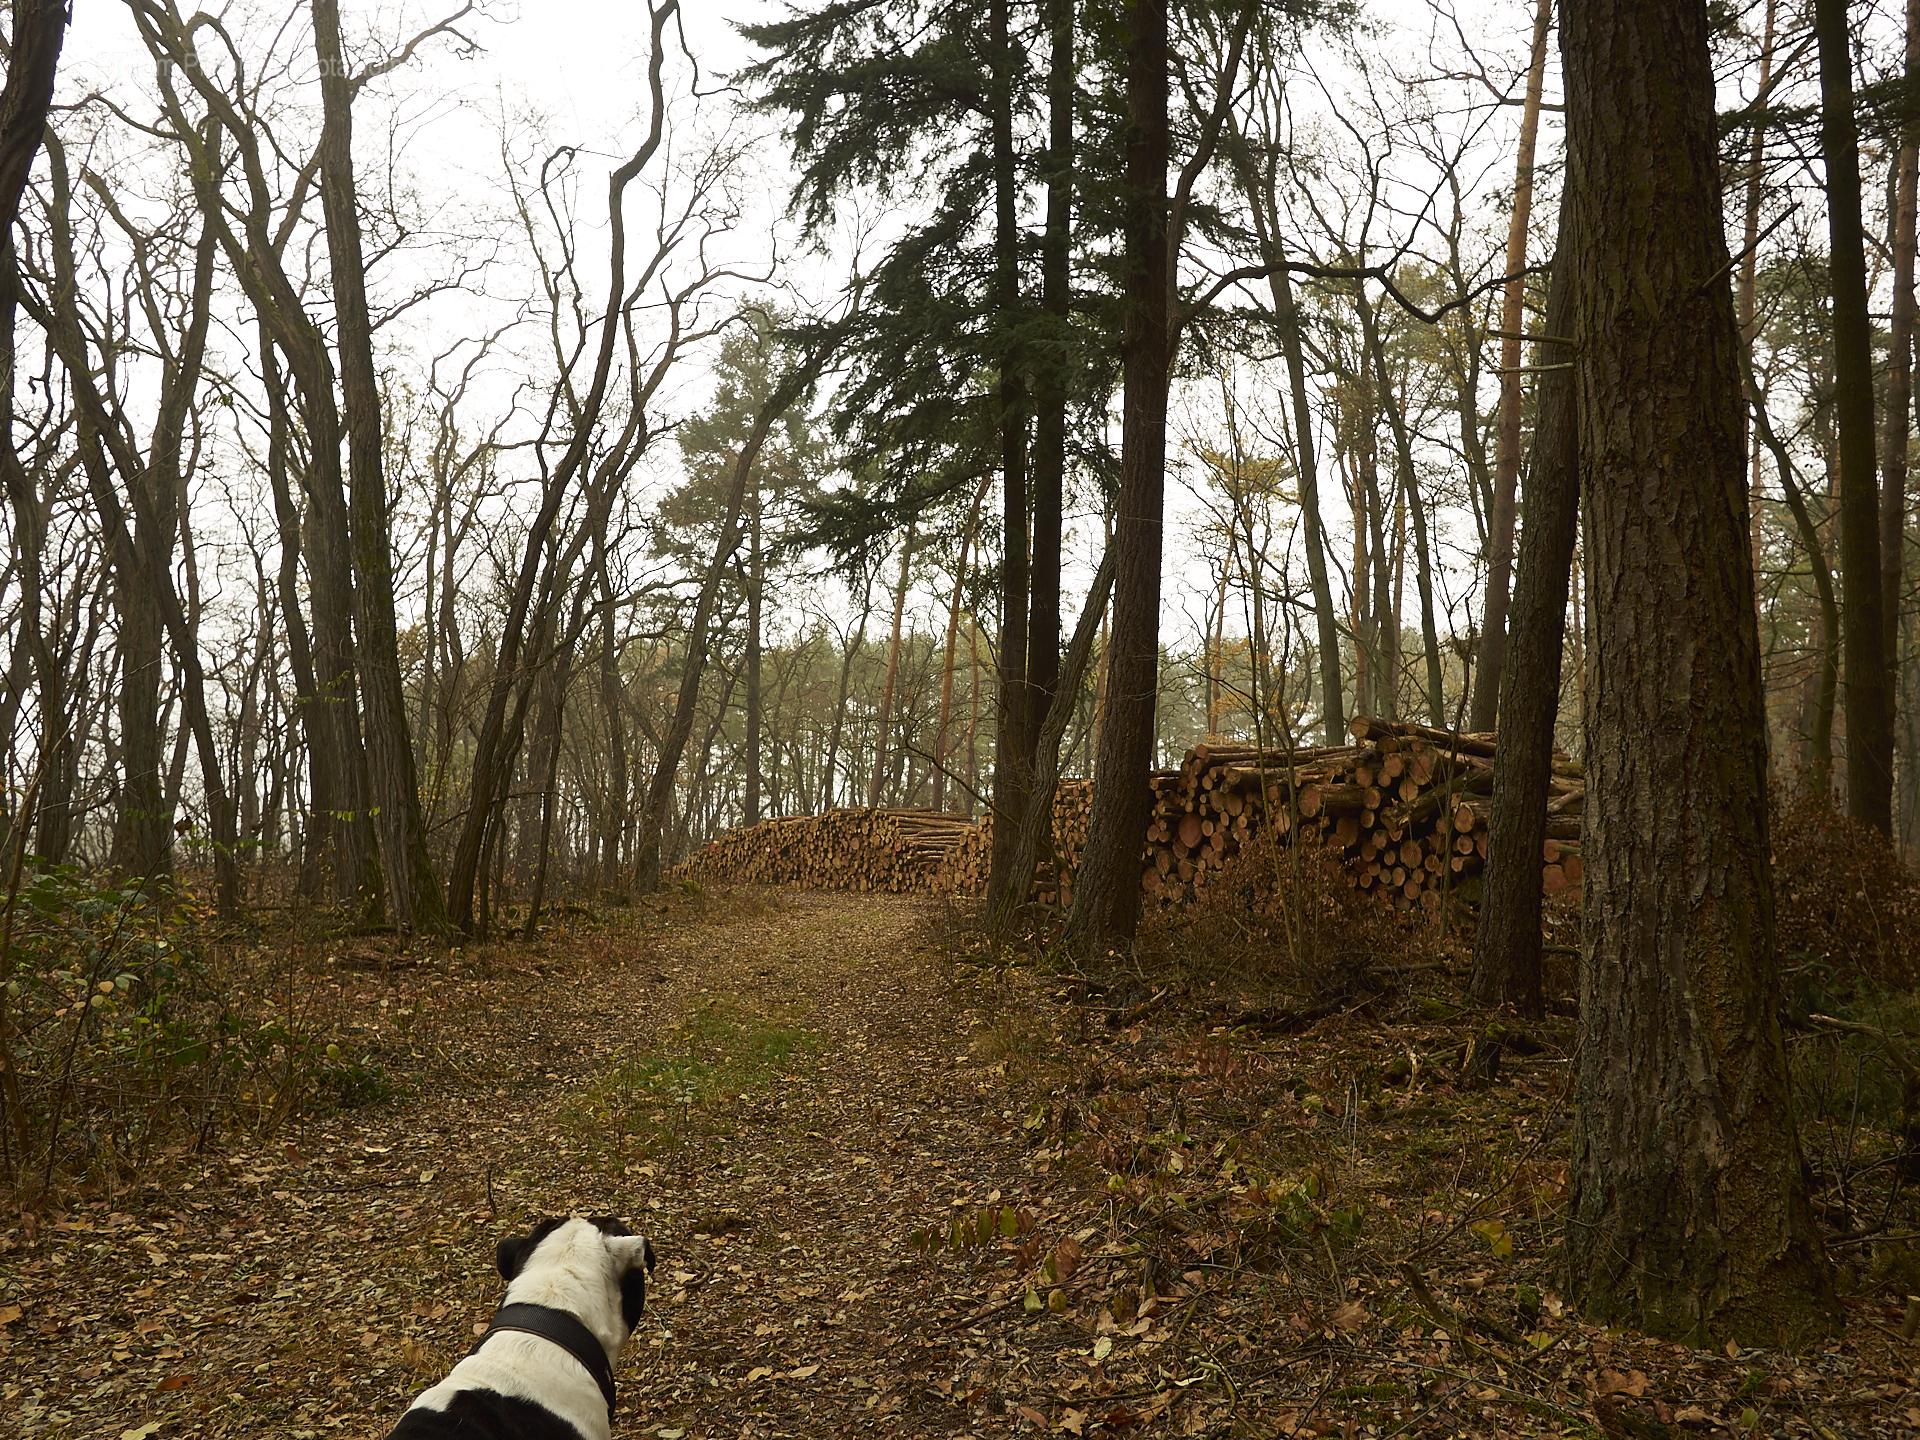 Alwin die Bulldogge, kalter Winter und sein Wald... er lebt seinen liebsten Traum